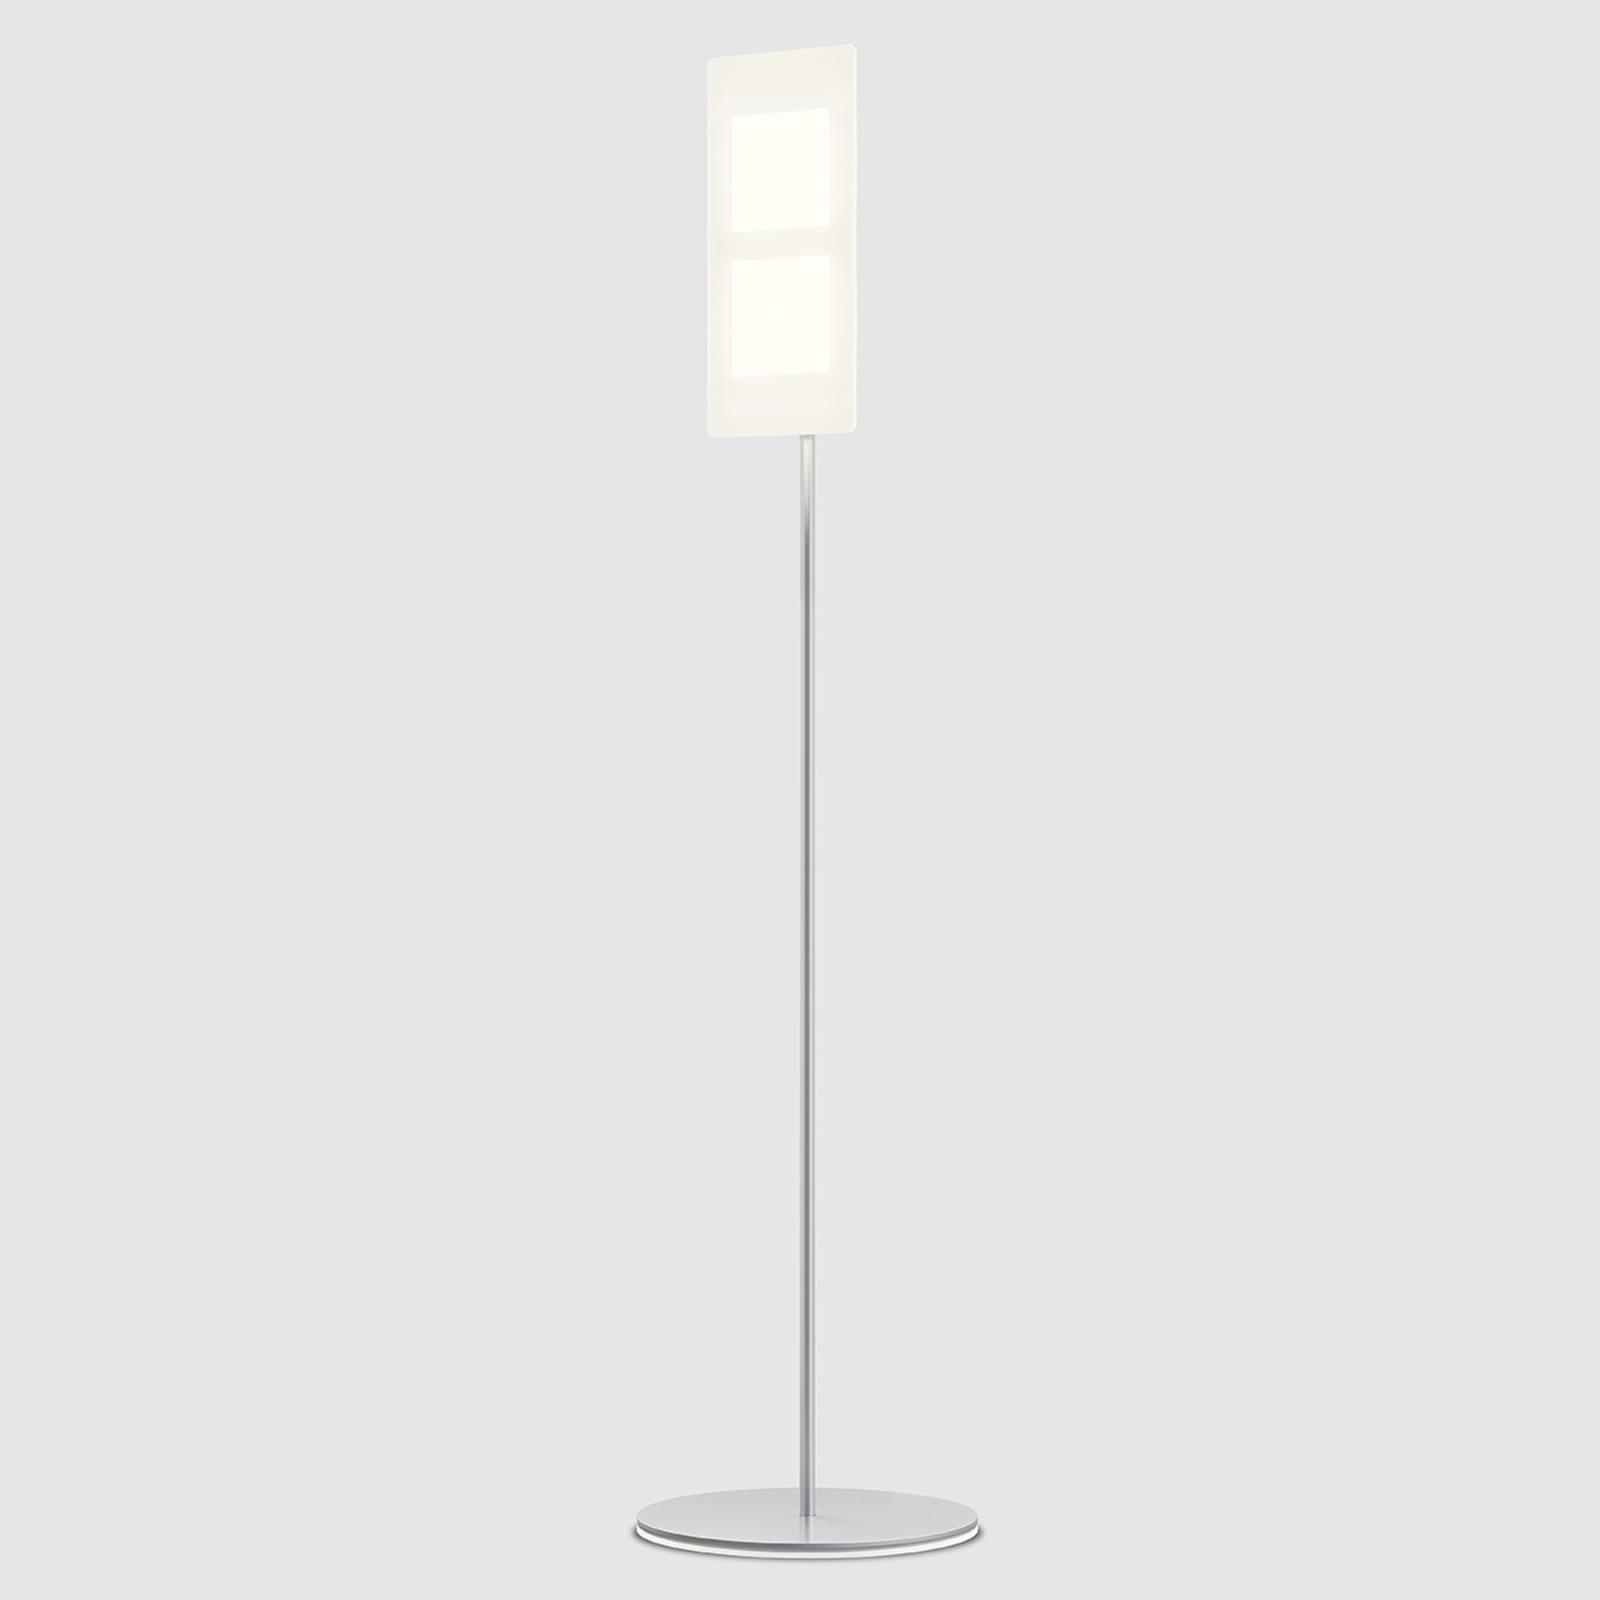 Med OLED:er - golvlampa OMLED One f2 vit